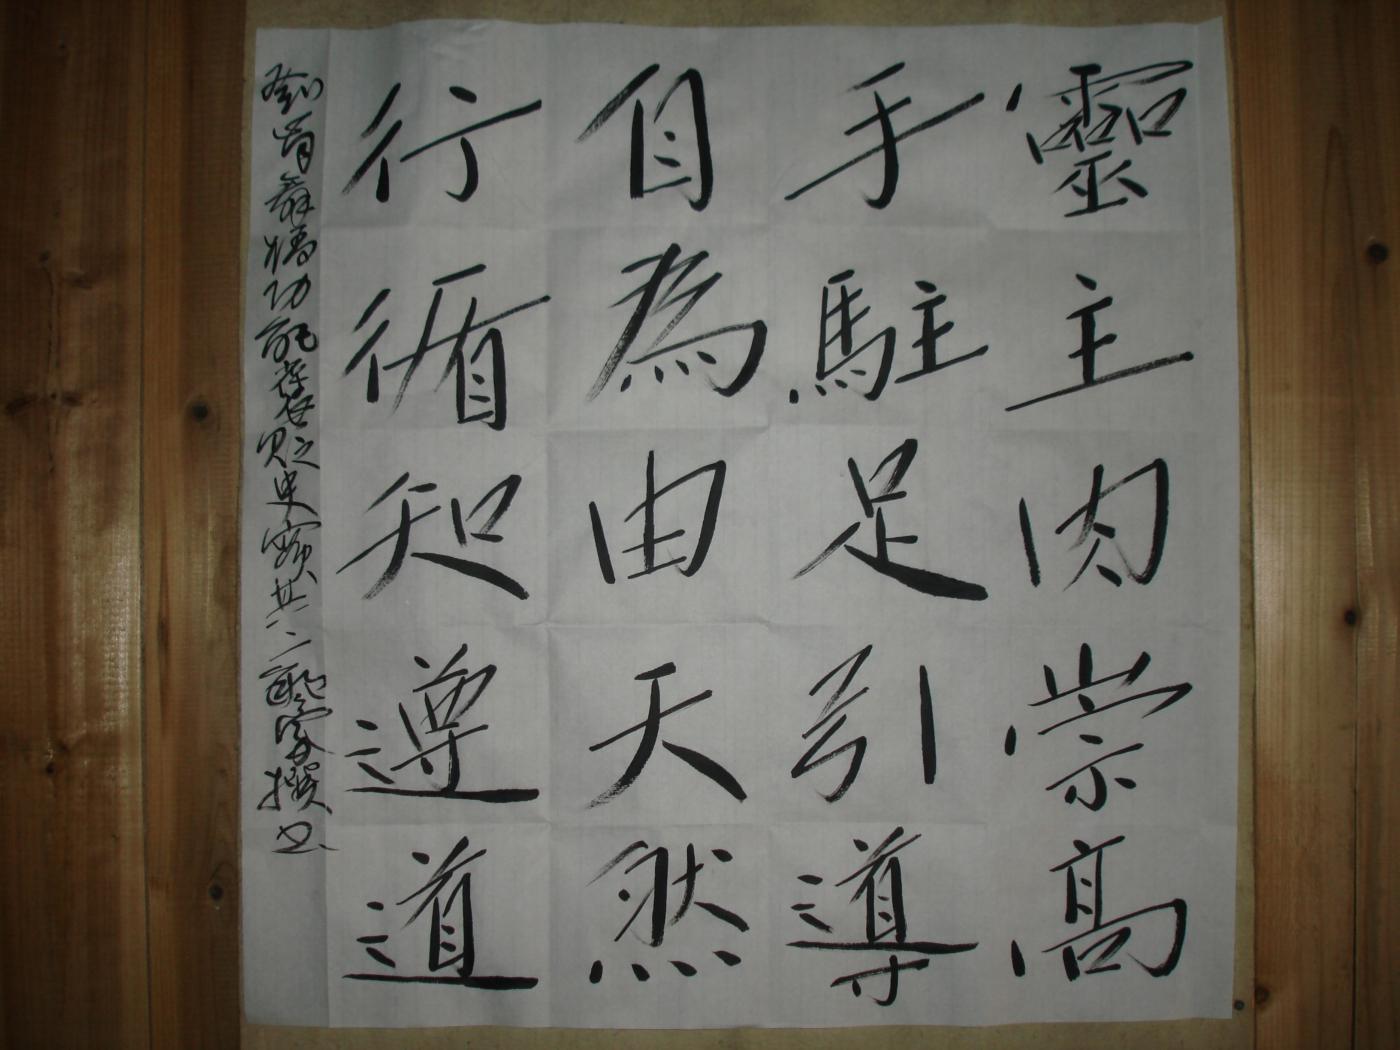 徐敏豪诗五绝3则真榜书2尺生宣斗方3幅(133)_图1-2